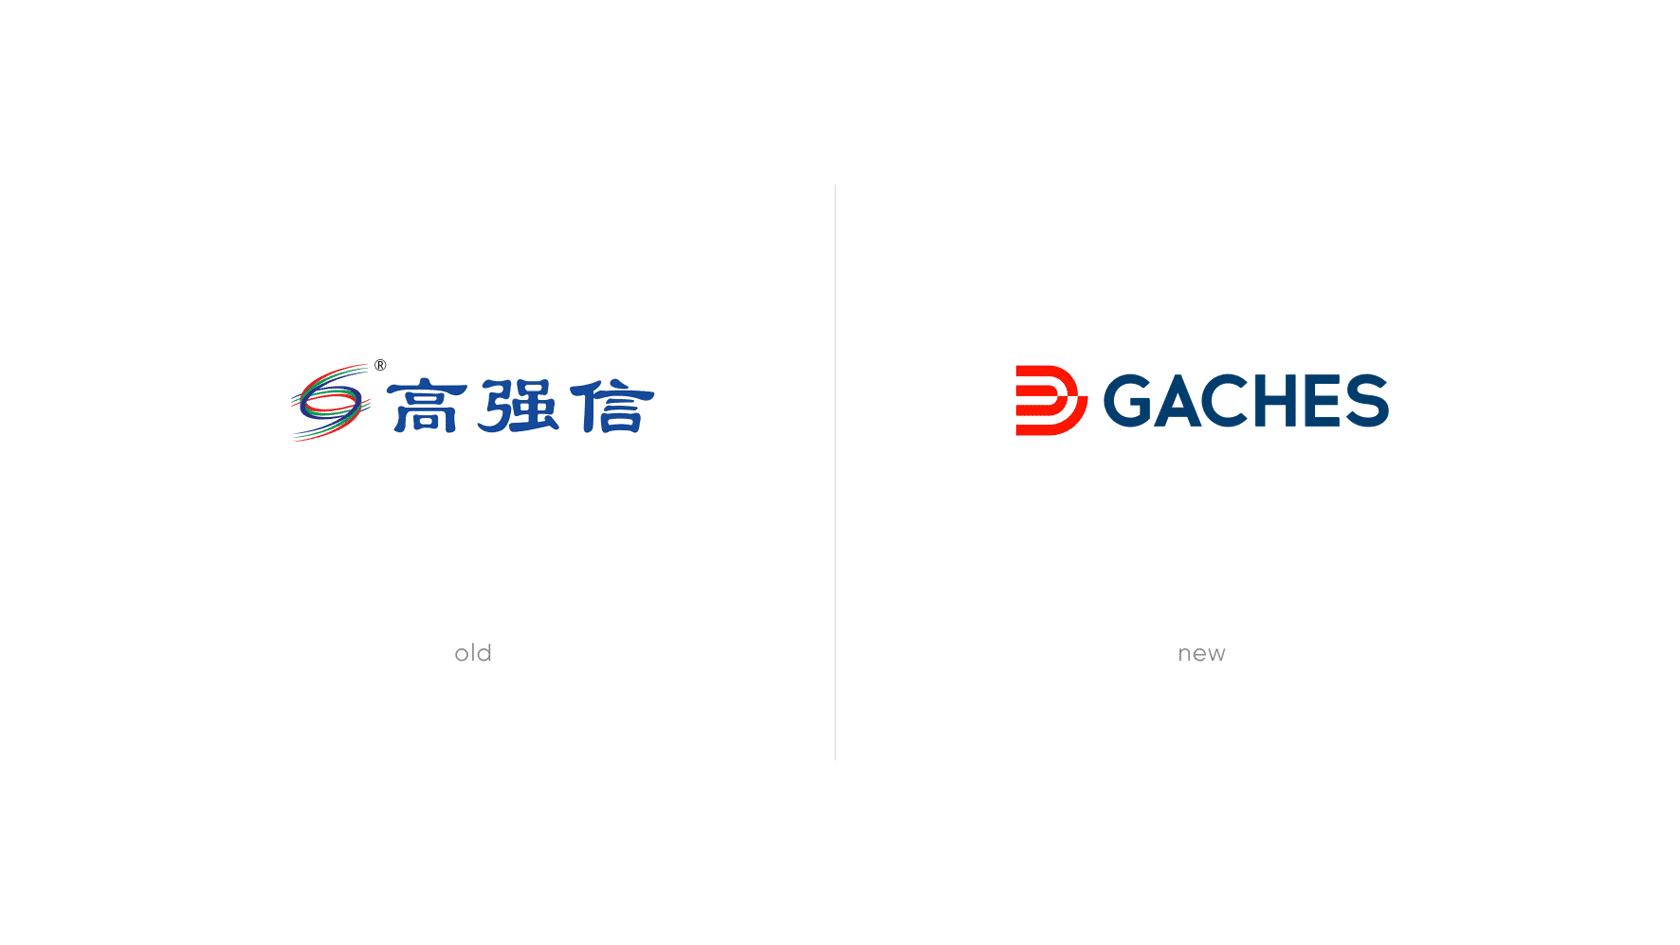 高强信logo广告